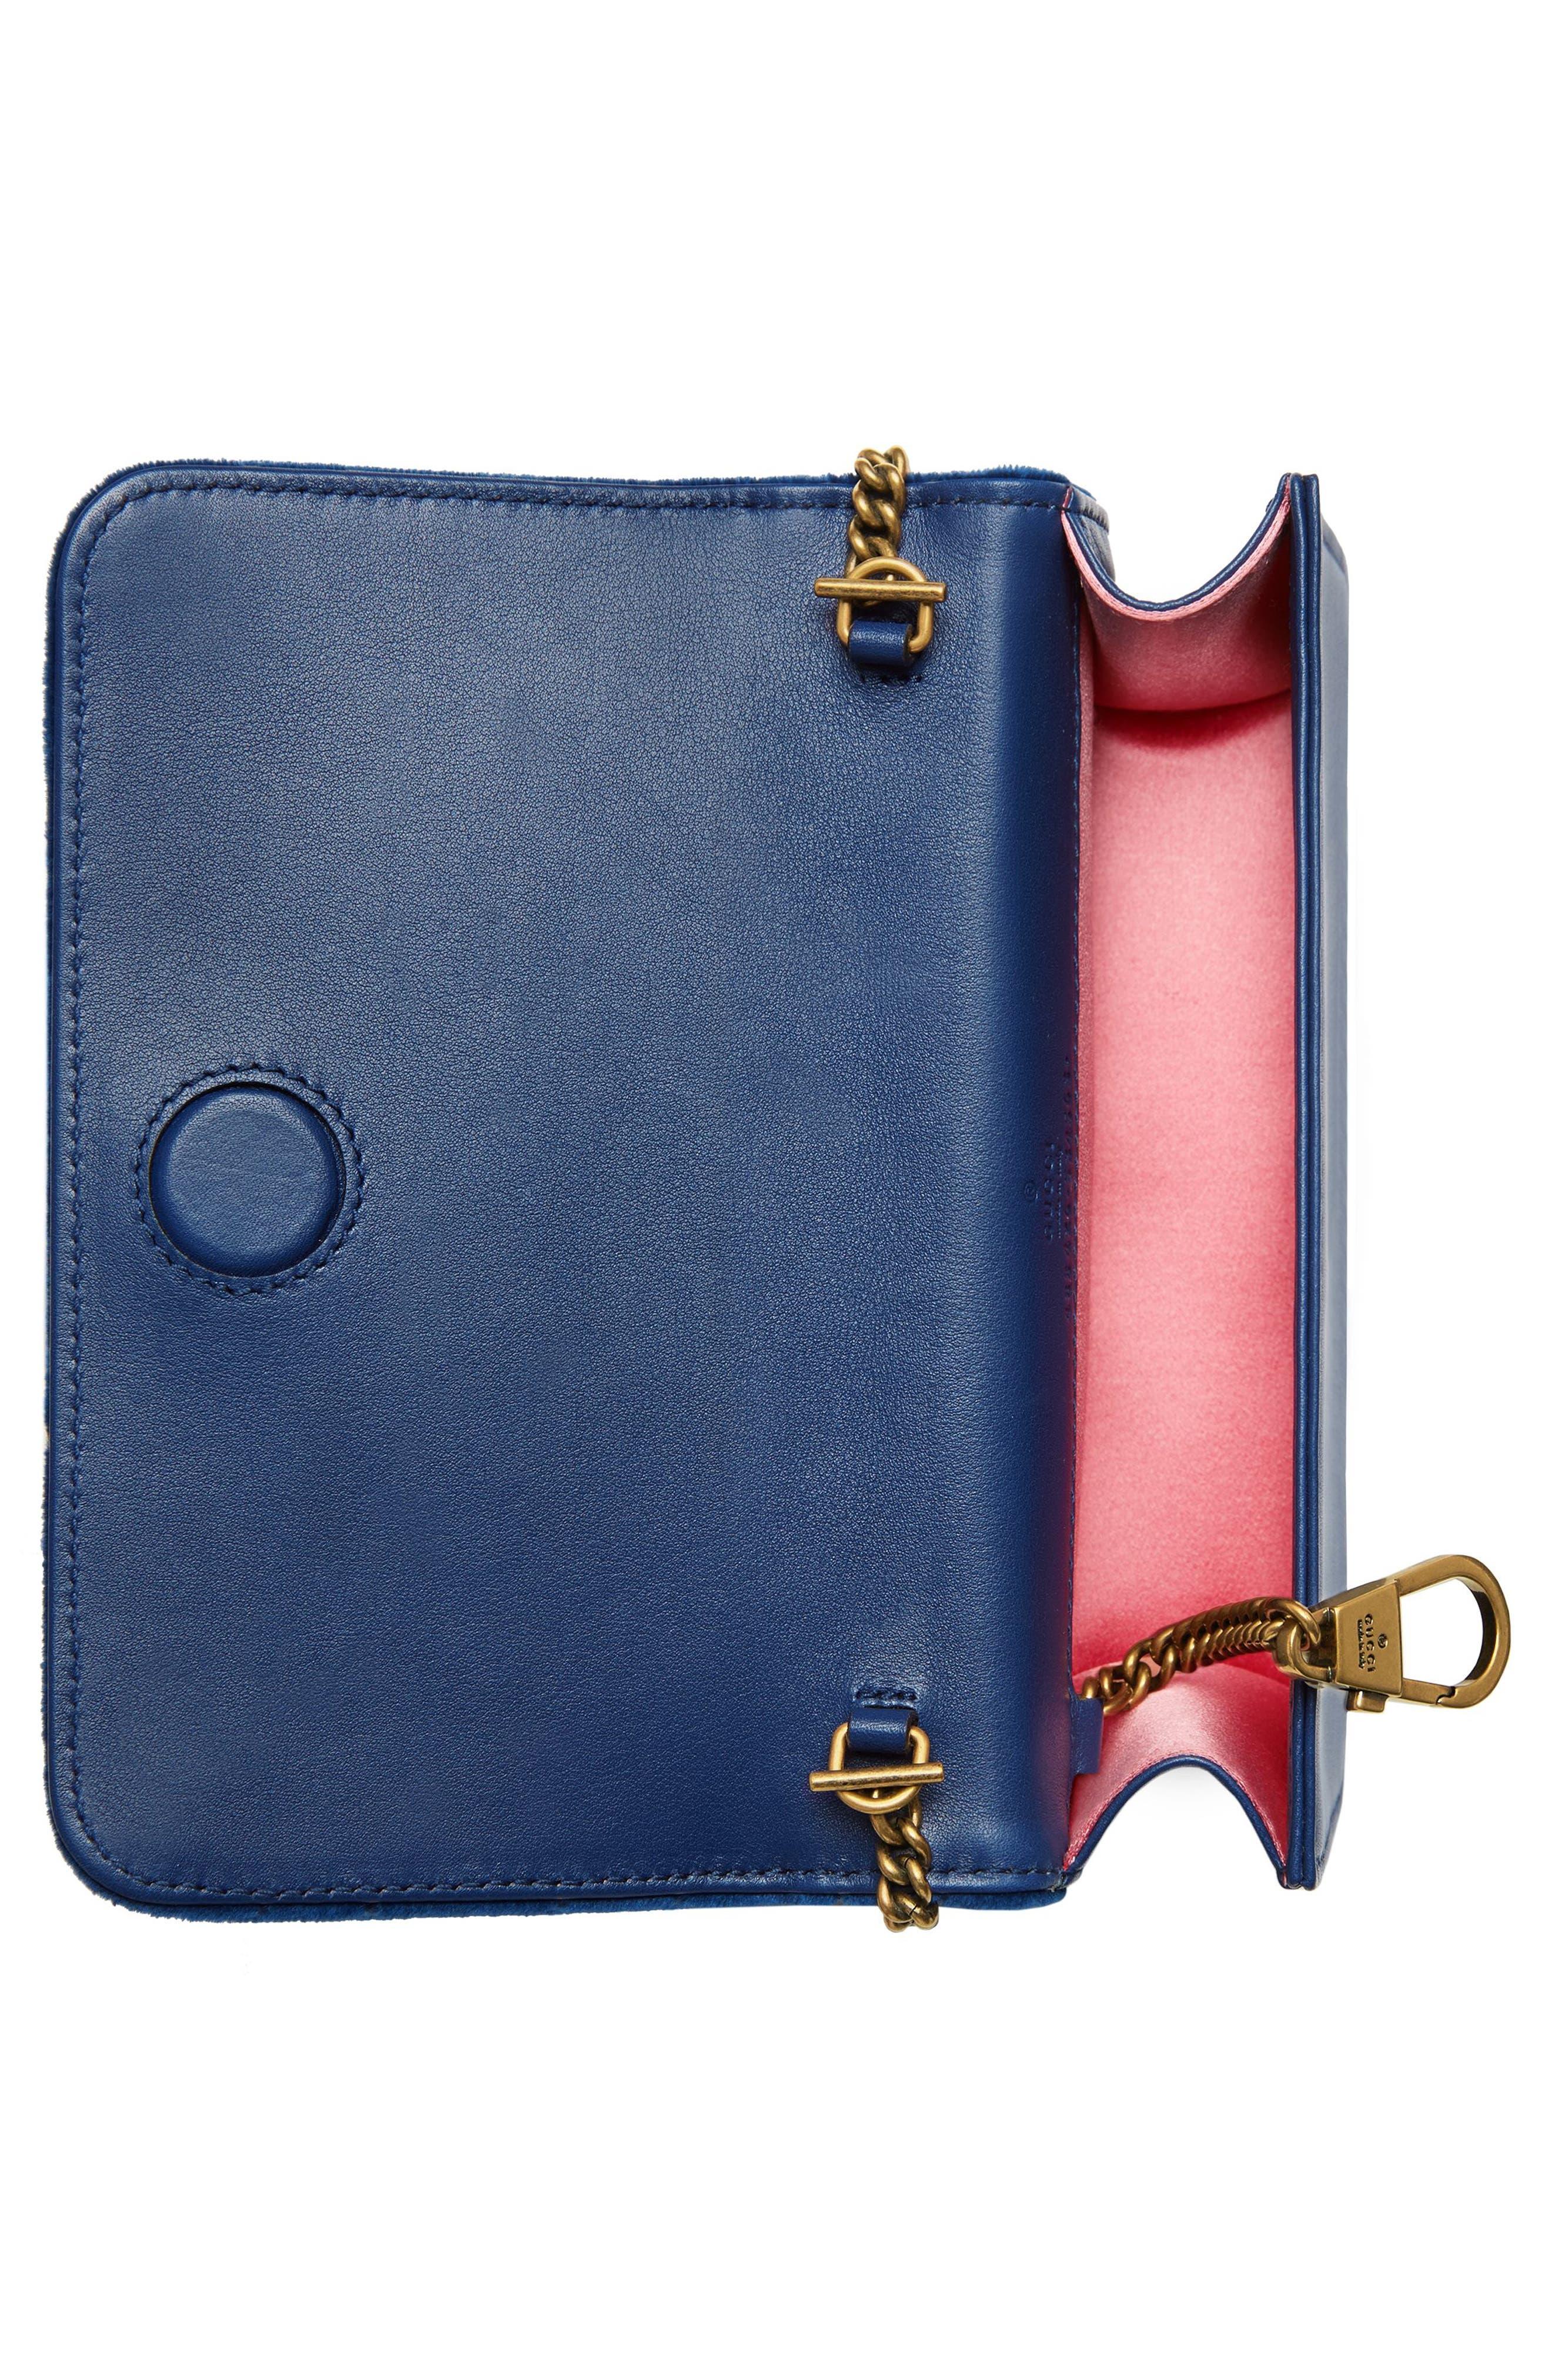 GUCCI, GG Marmont 2.0 Matelassé Velvet Shoulder Bag, Alternate thumbnail 2, color, COBALT/ COBALT